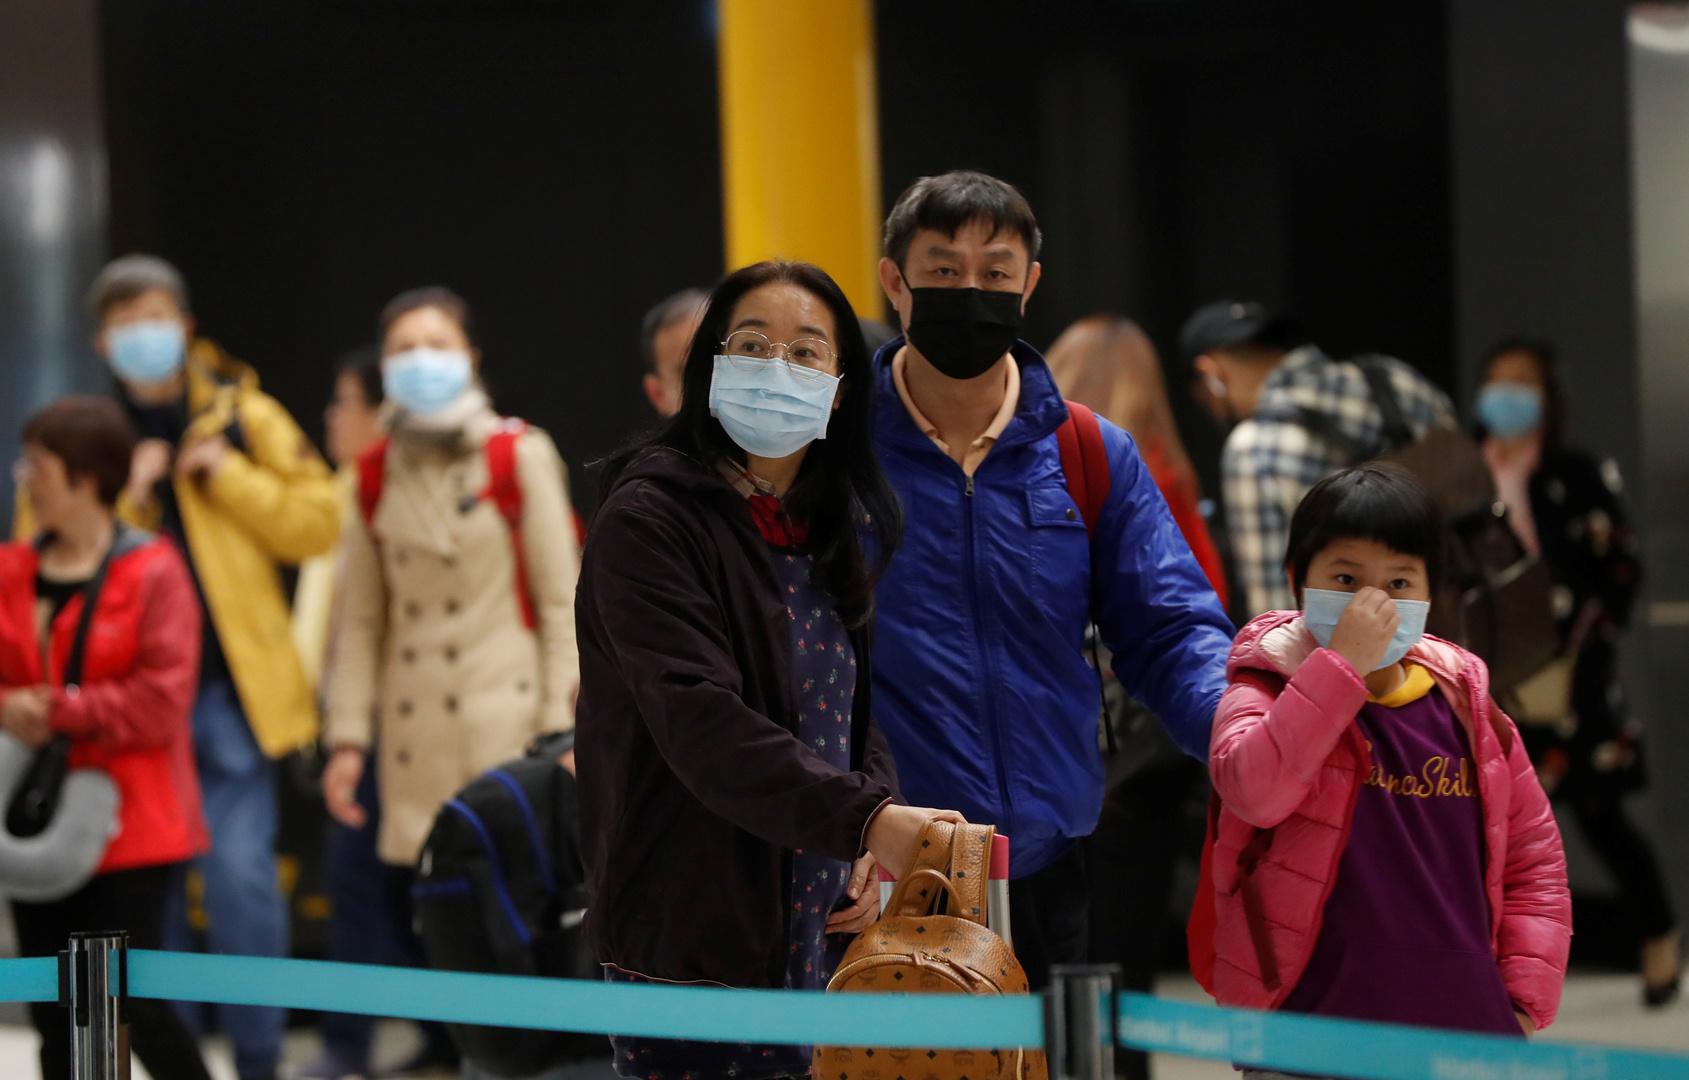 إلغاء جميع الرحلات الجوية من ووهان الصينية إلى موسكو بسبب انتشار